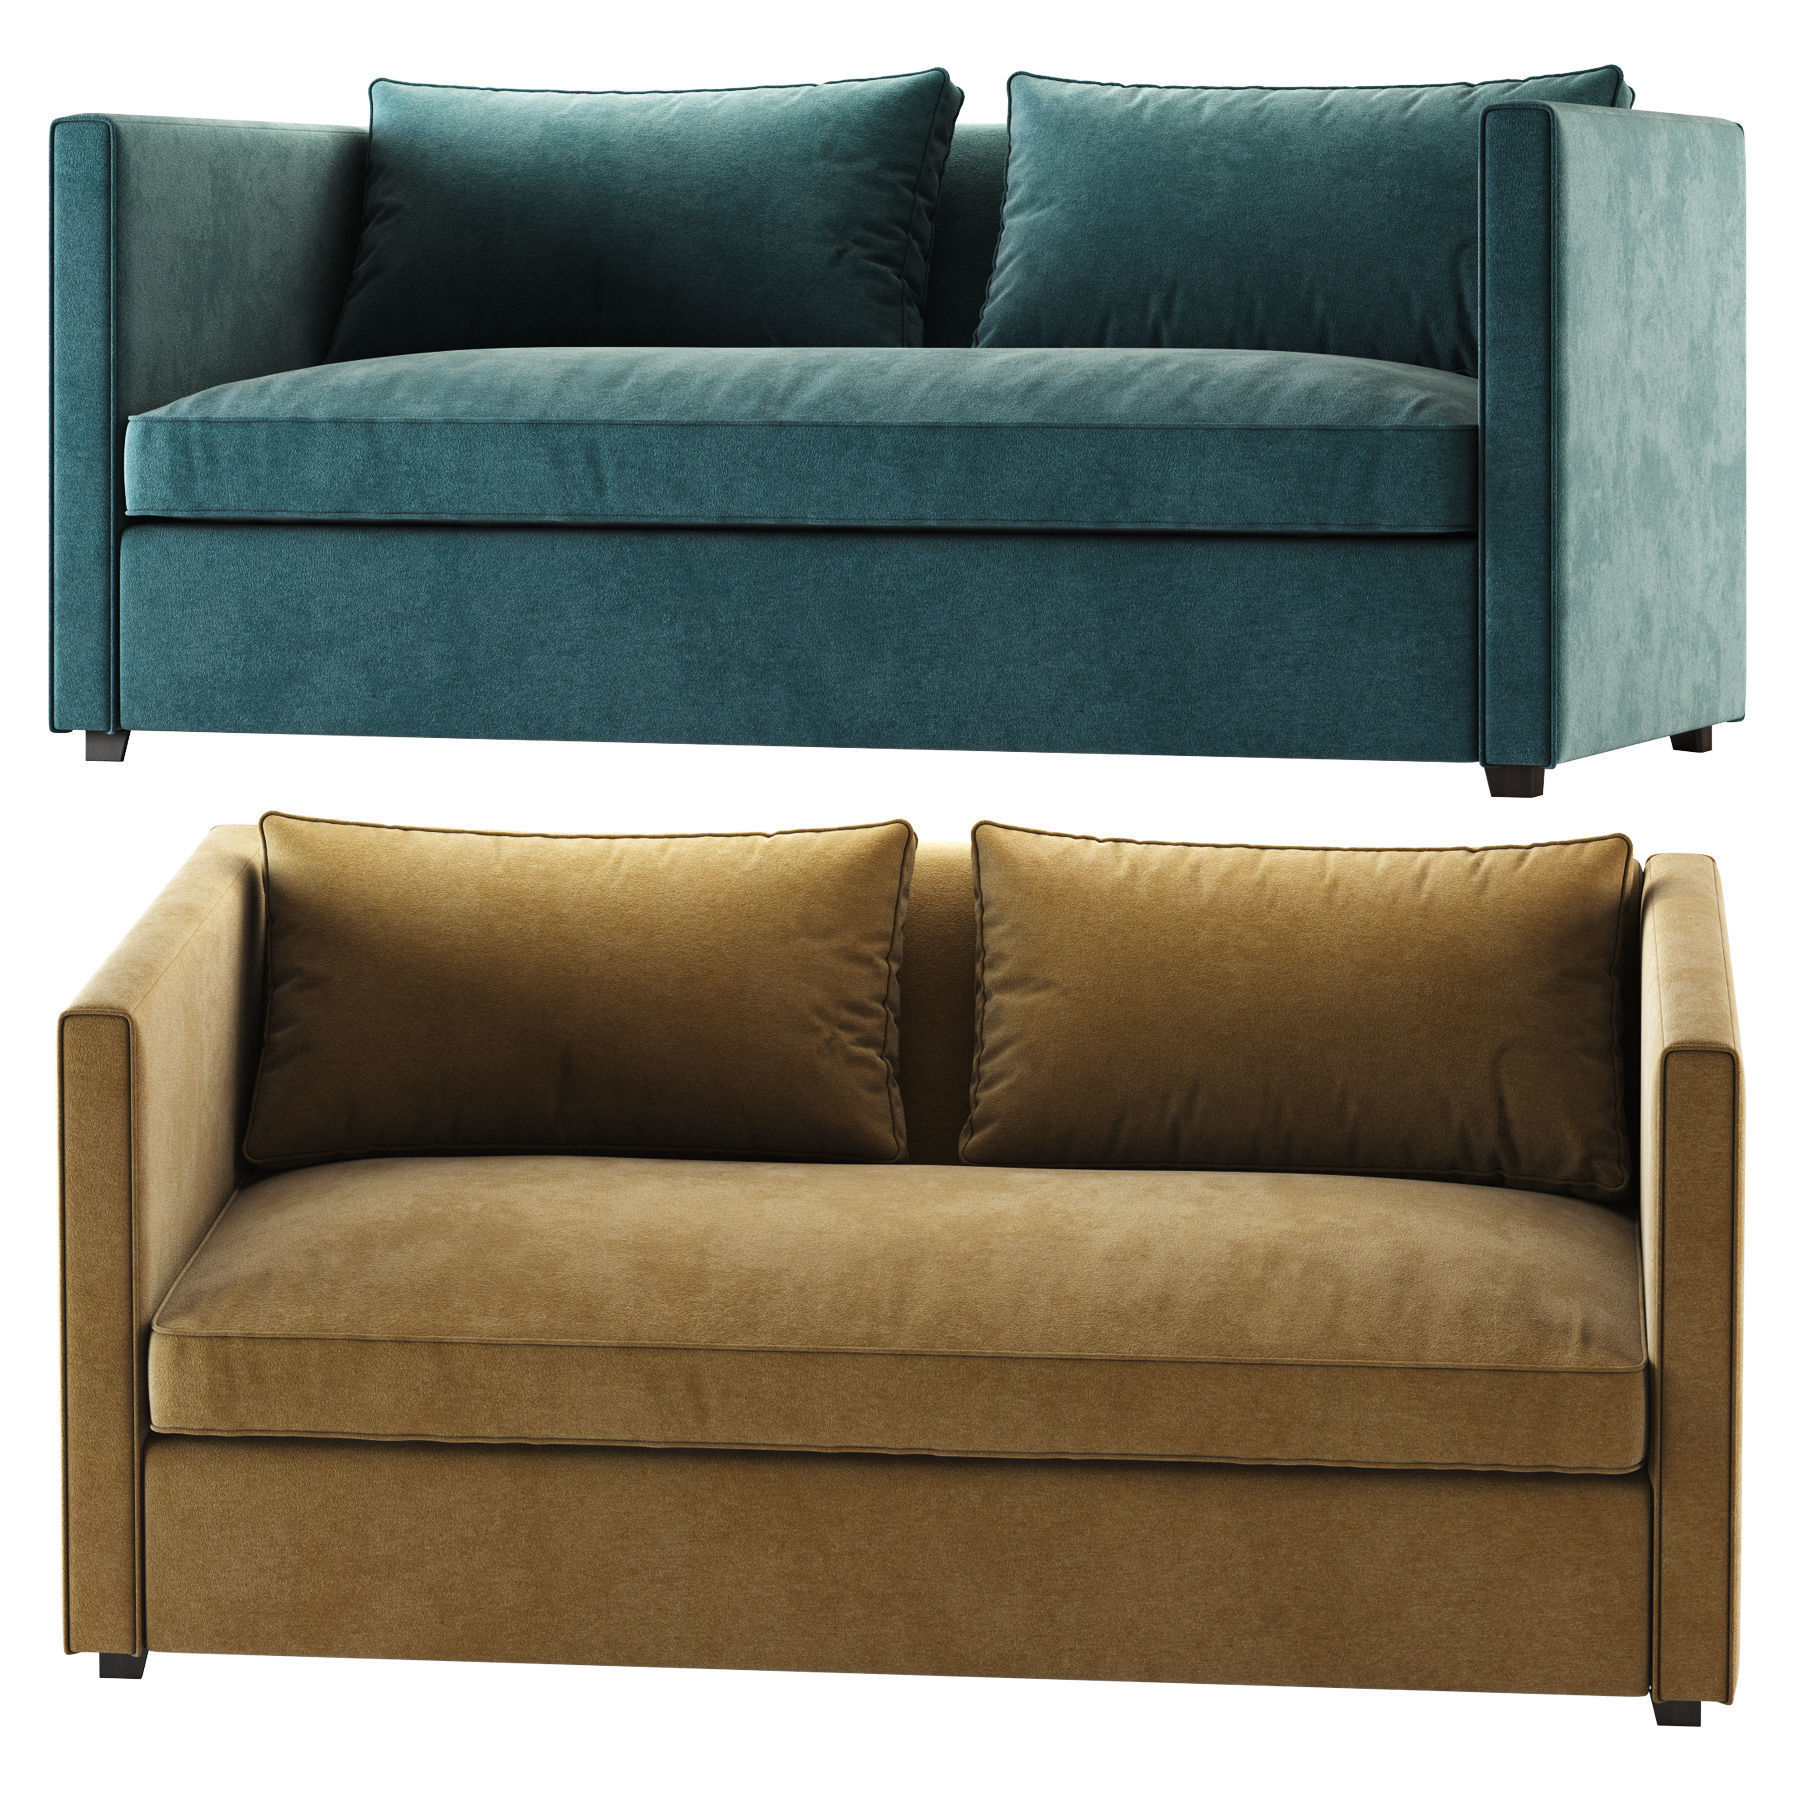 crate and barrel torrey sofa 3d model